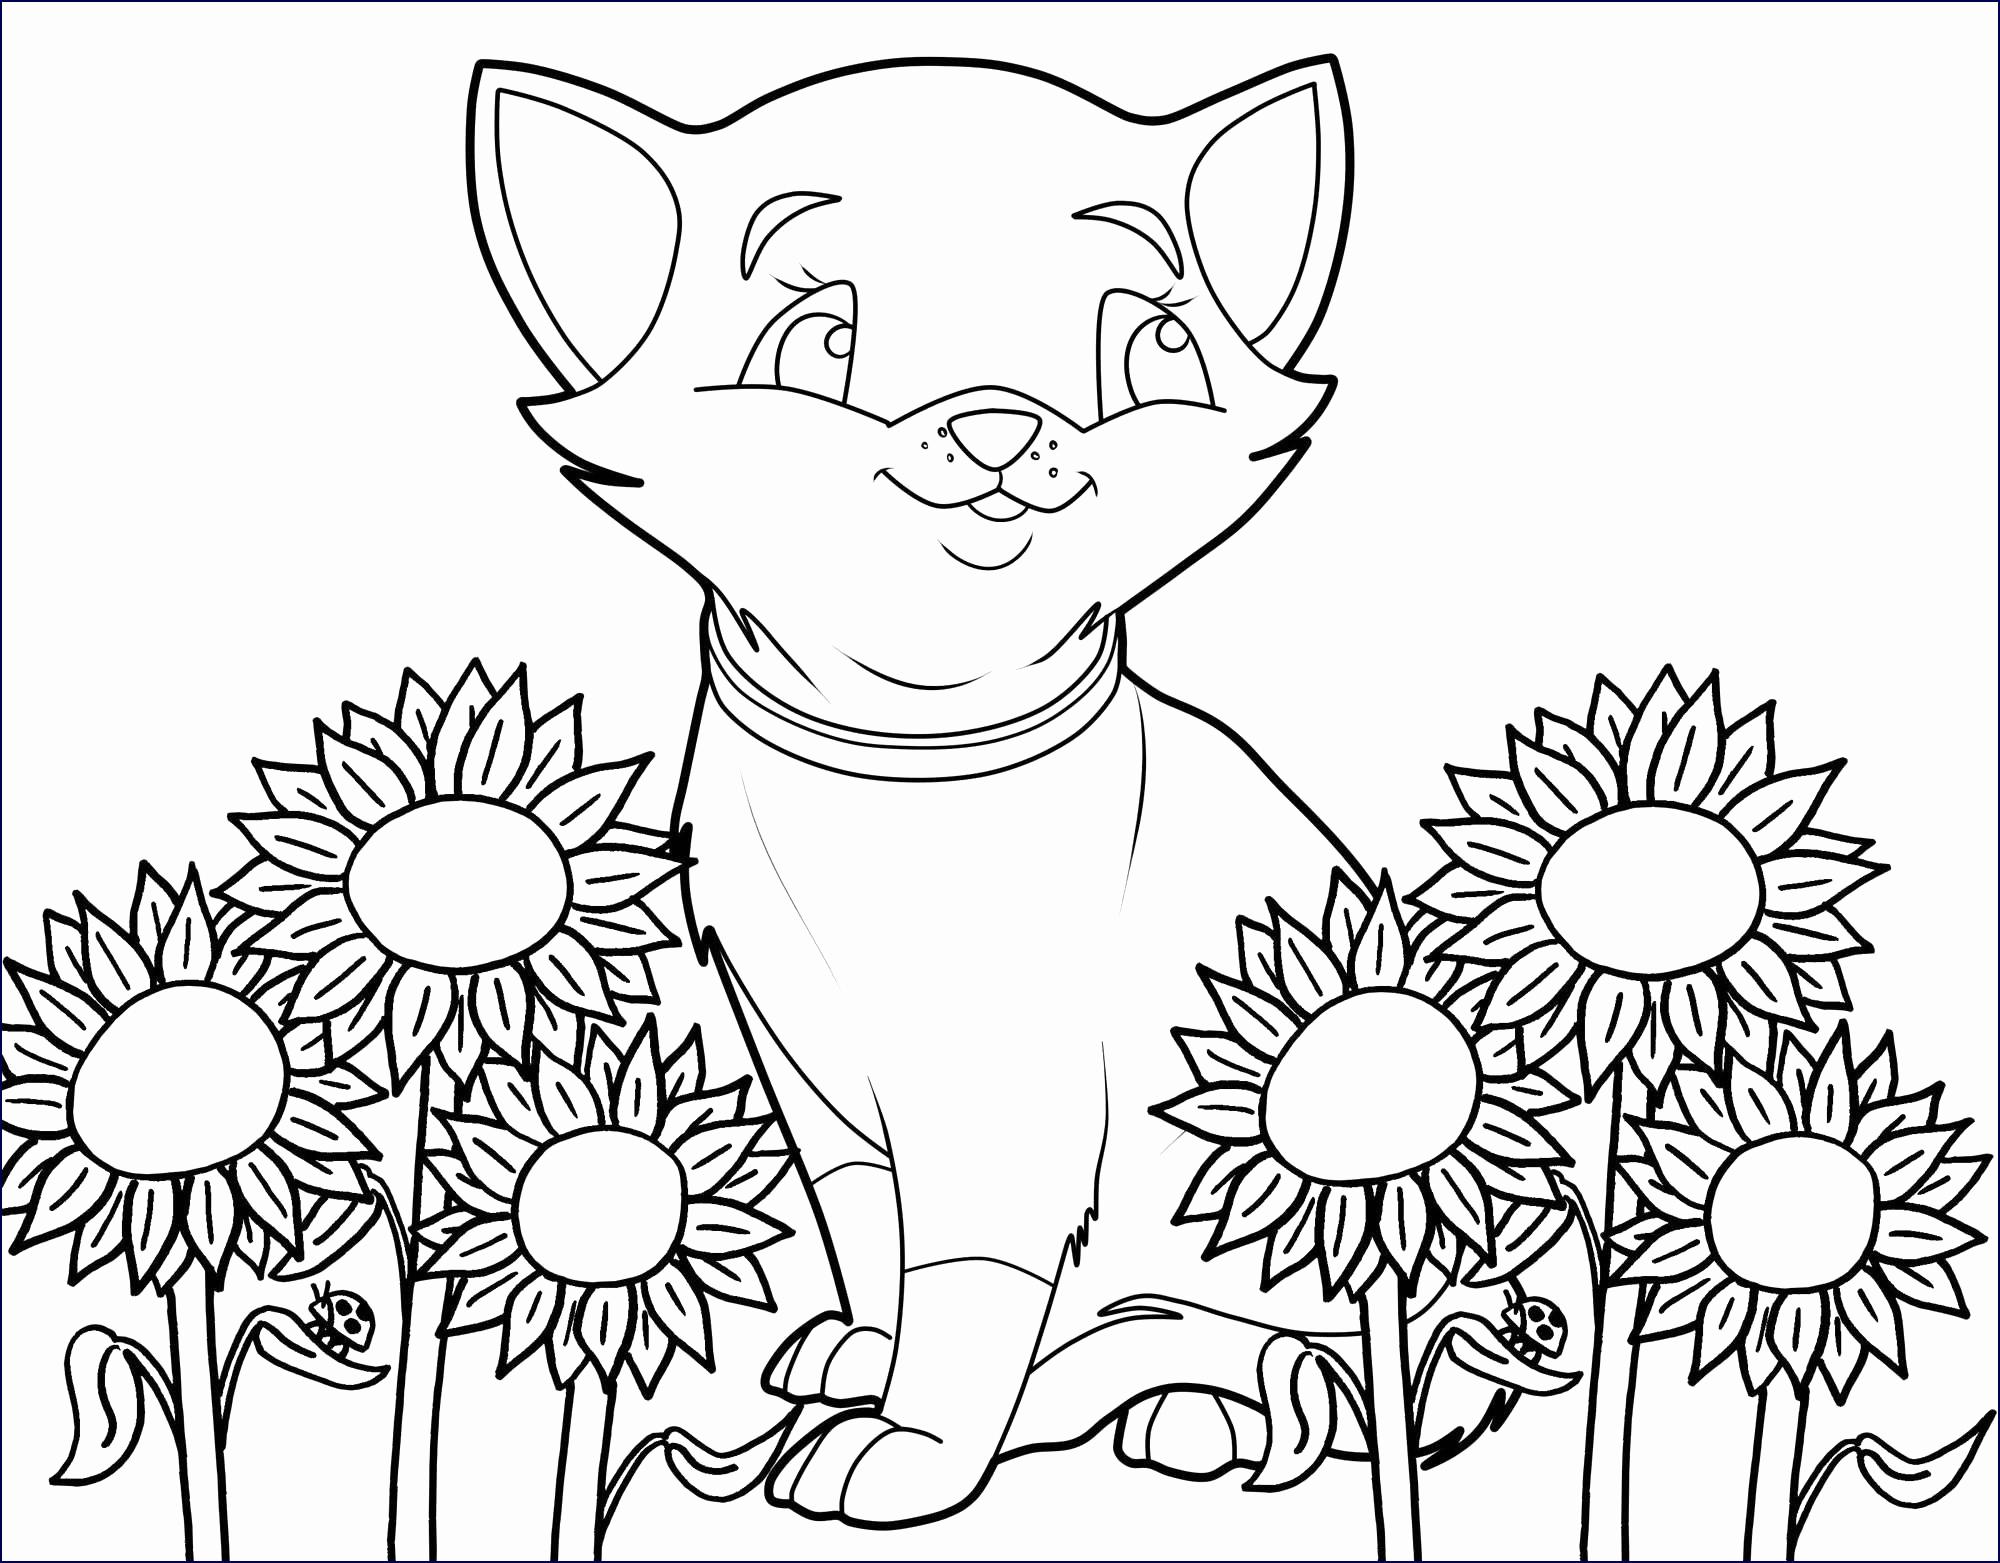 Ausmalbilder Blumen Kostenlos Einzigartig Blumenbilder Zum bestimmt für Blumenbilder Zum Ausdrucken Kostenlos